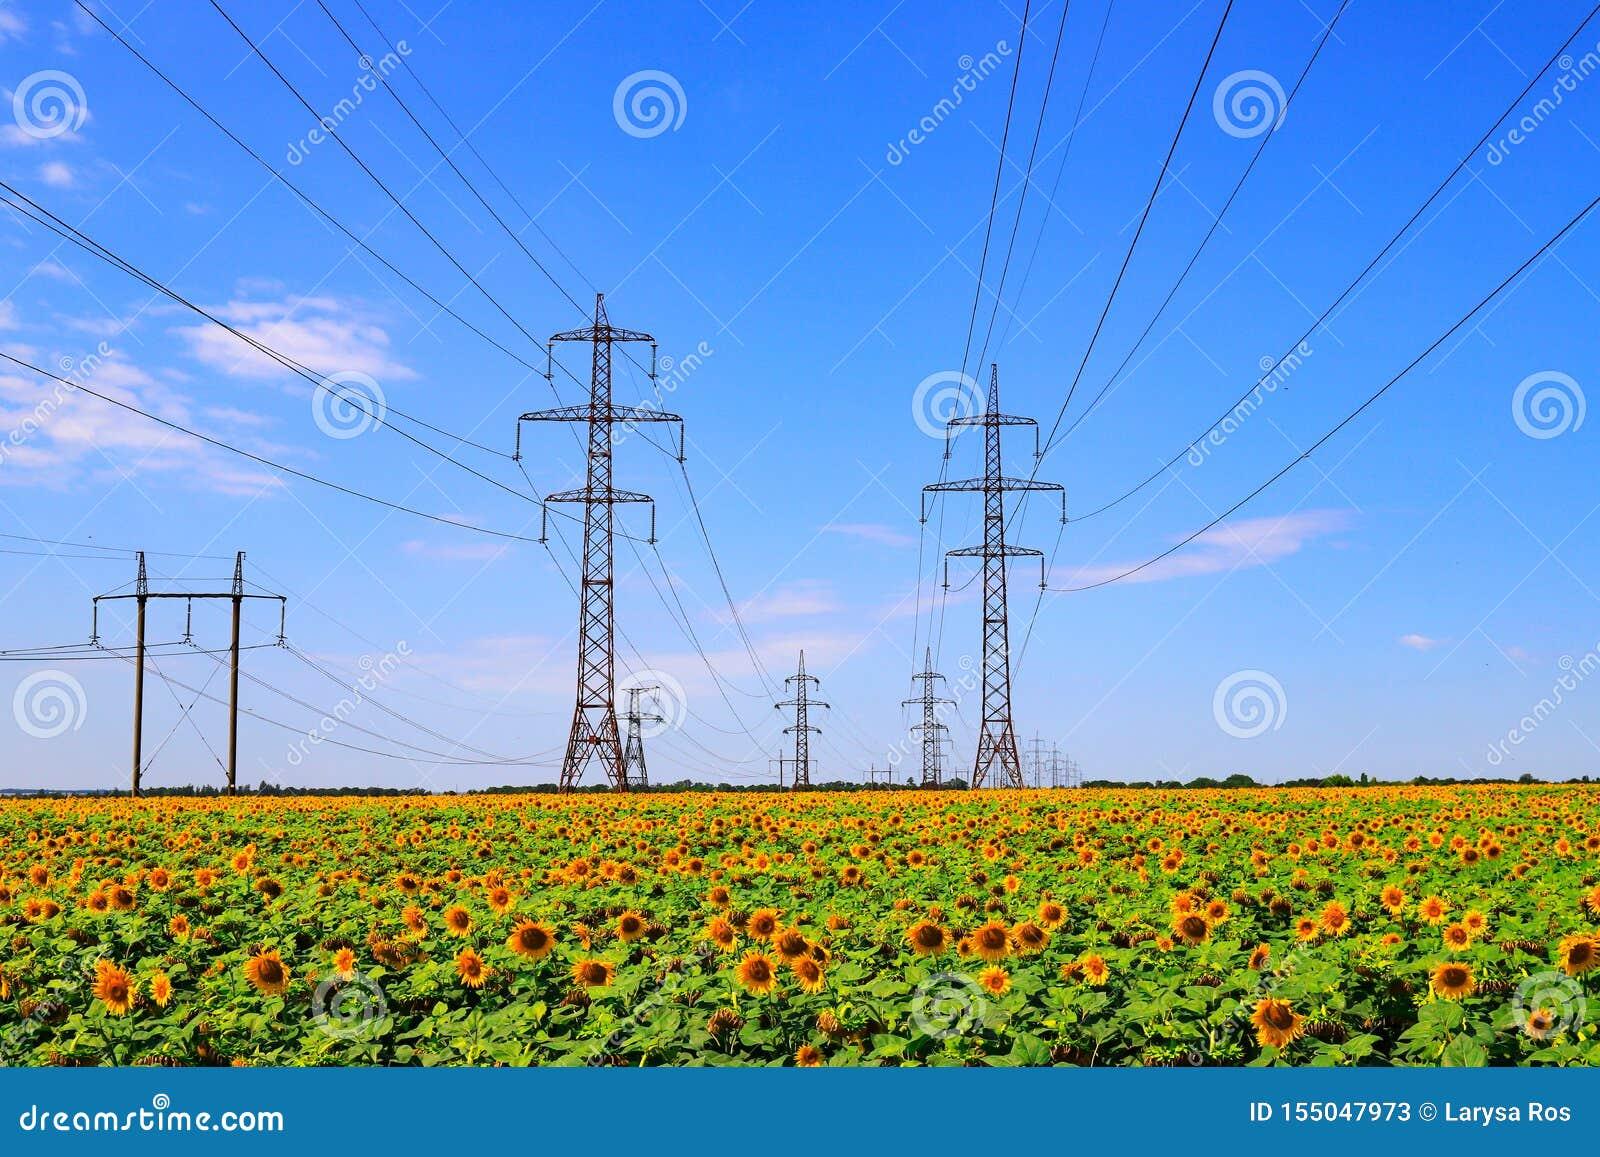 Masten van een lijn van de hoogspanningsmacht tegen de achtergrond van een gebied met zonnebloem Staalsteunen en draden macht